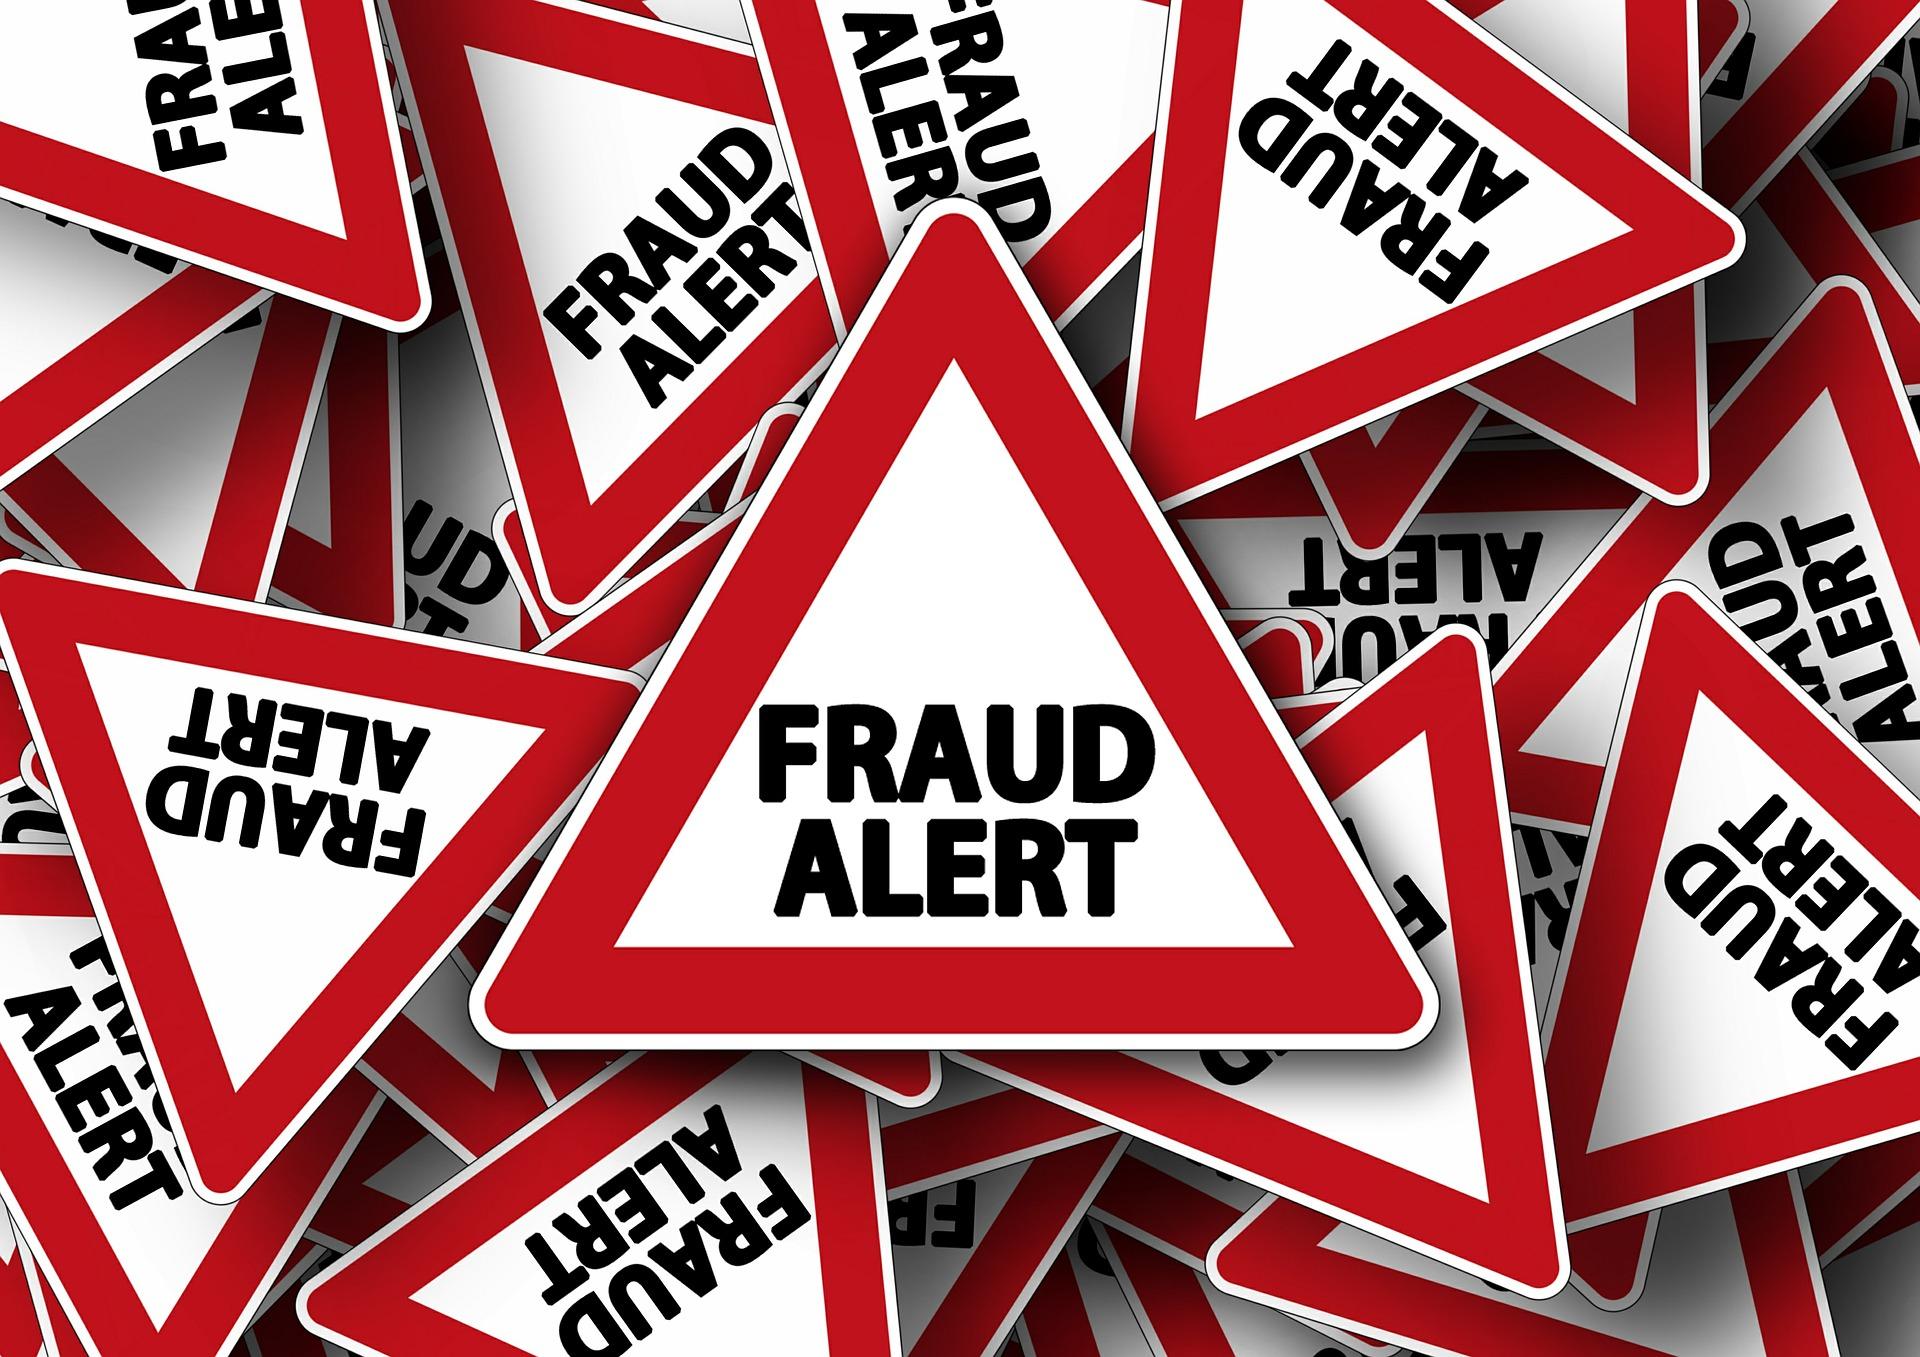 Faery fraud alert